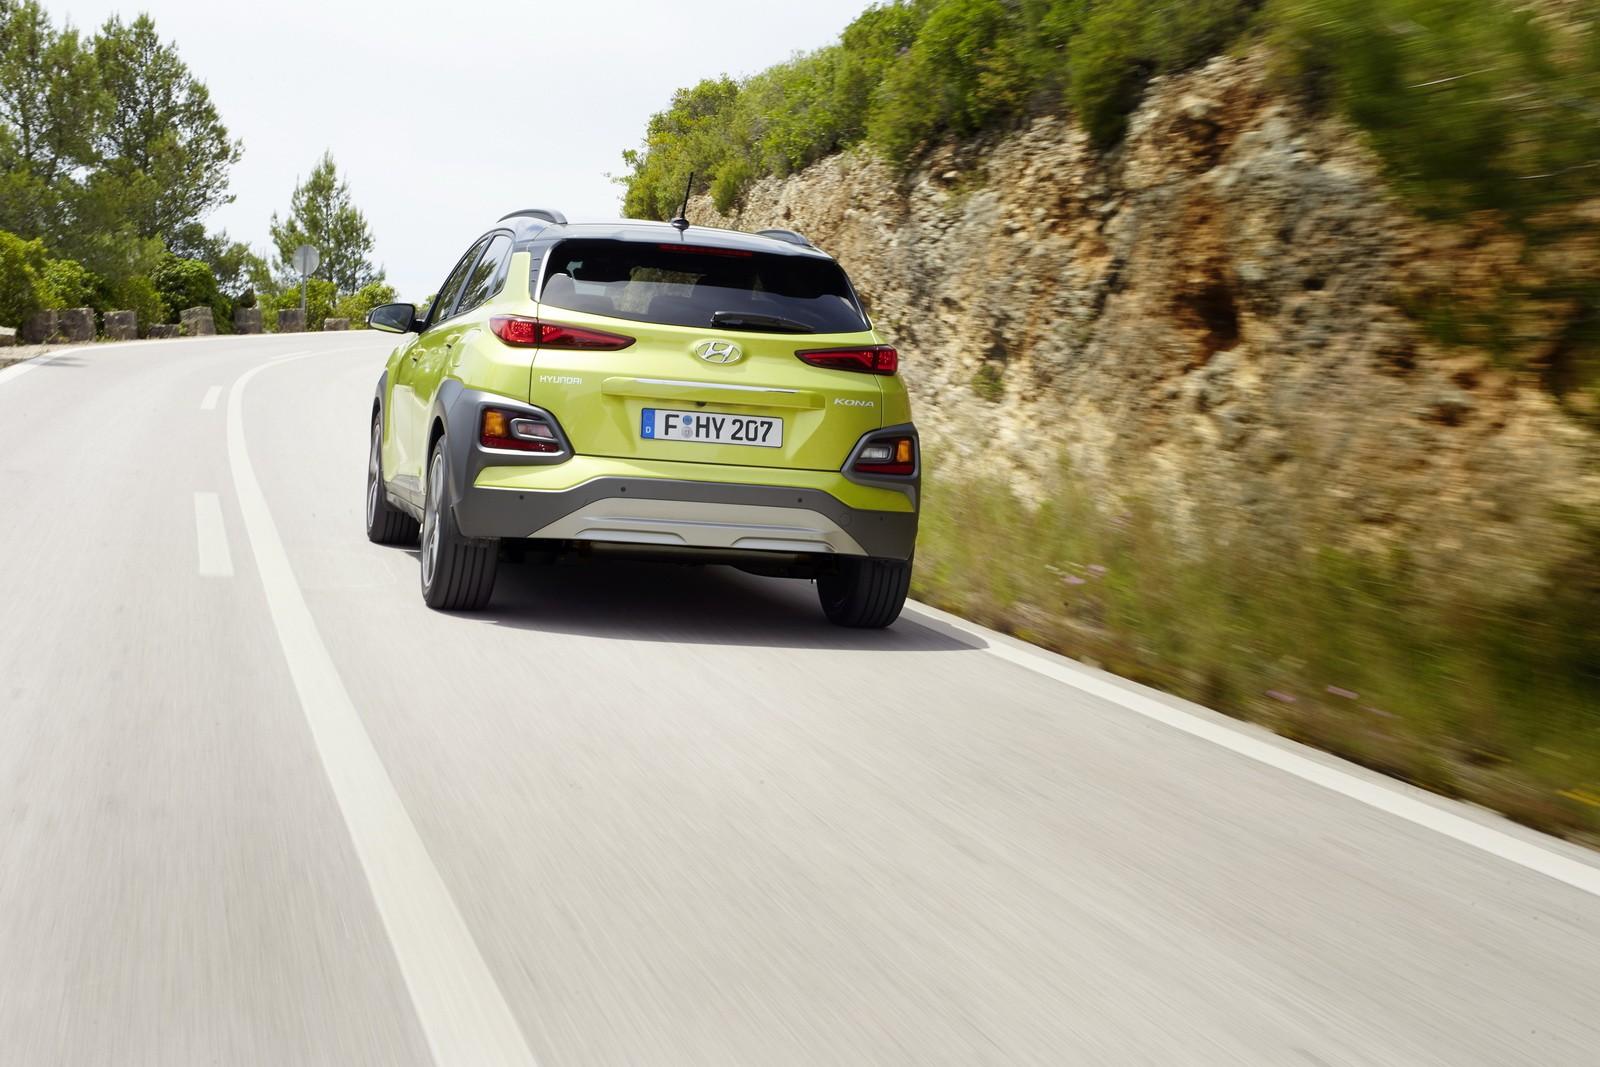 Xe++ - Hyundai Kona đã sẵn sàng 'hạ cánh' tại Anh, giá từ 489,1 triệu đồng (Hình 7).